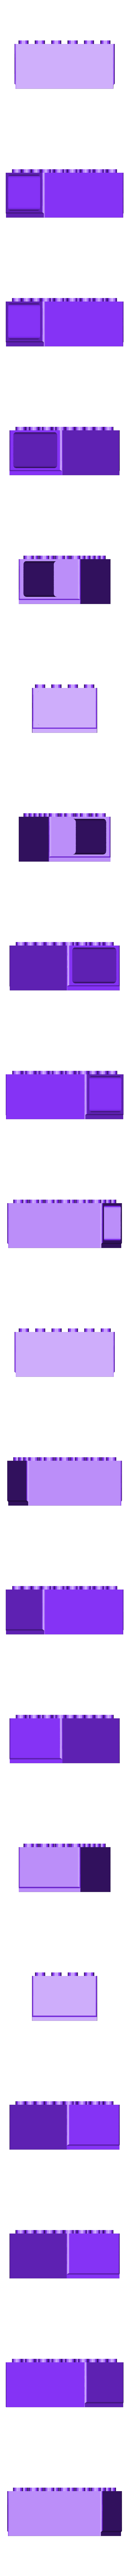 Battery-Brick.stl Télécharger fichier SCAD gratuit Monture Arduino Not-Lego et accessoires de robotique • Modèle pour imprimante 3D, mechengineermike